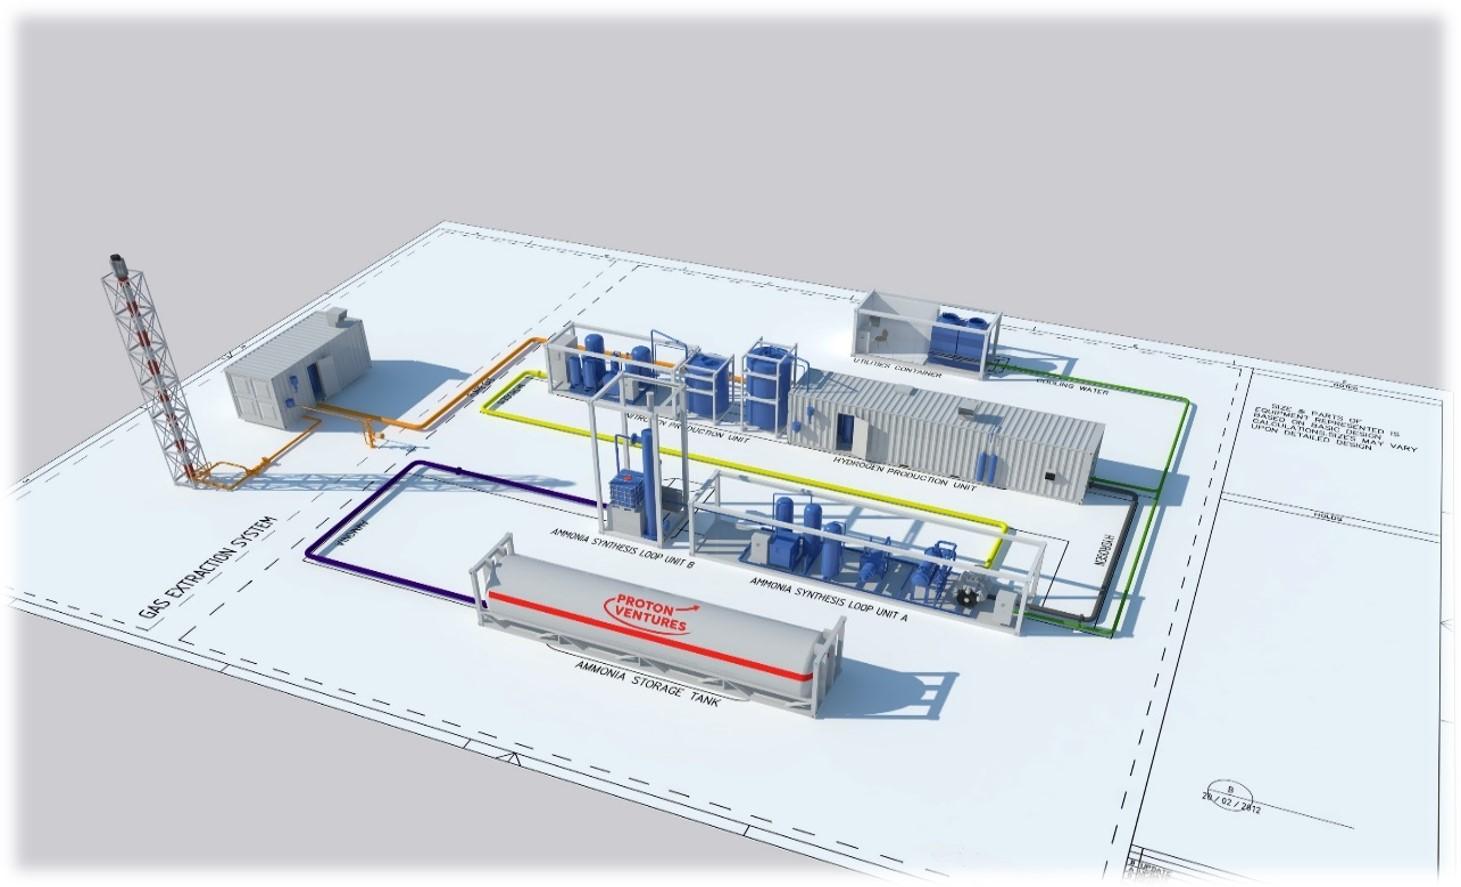 Proton Ventures ammonium reactor